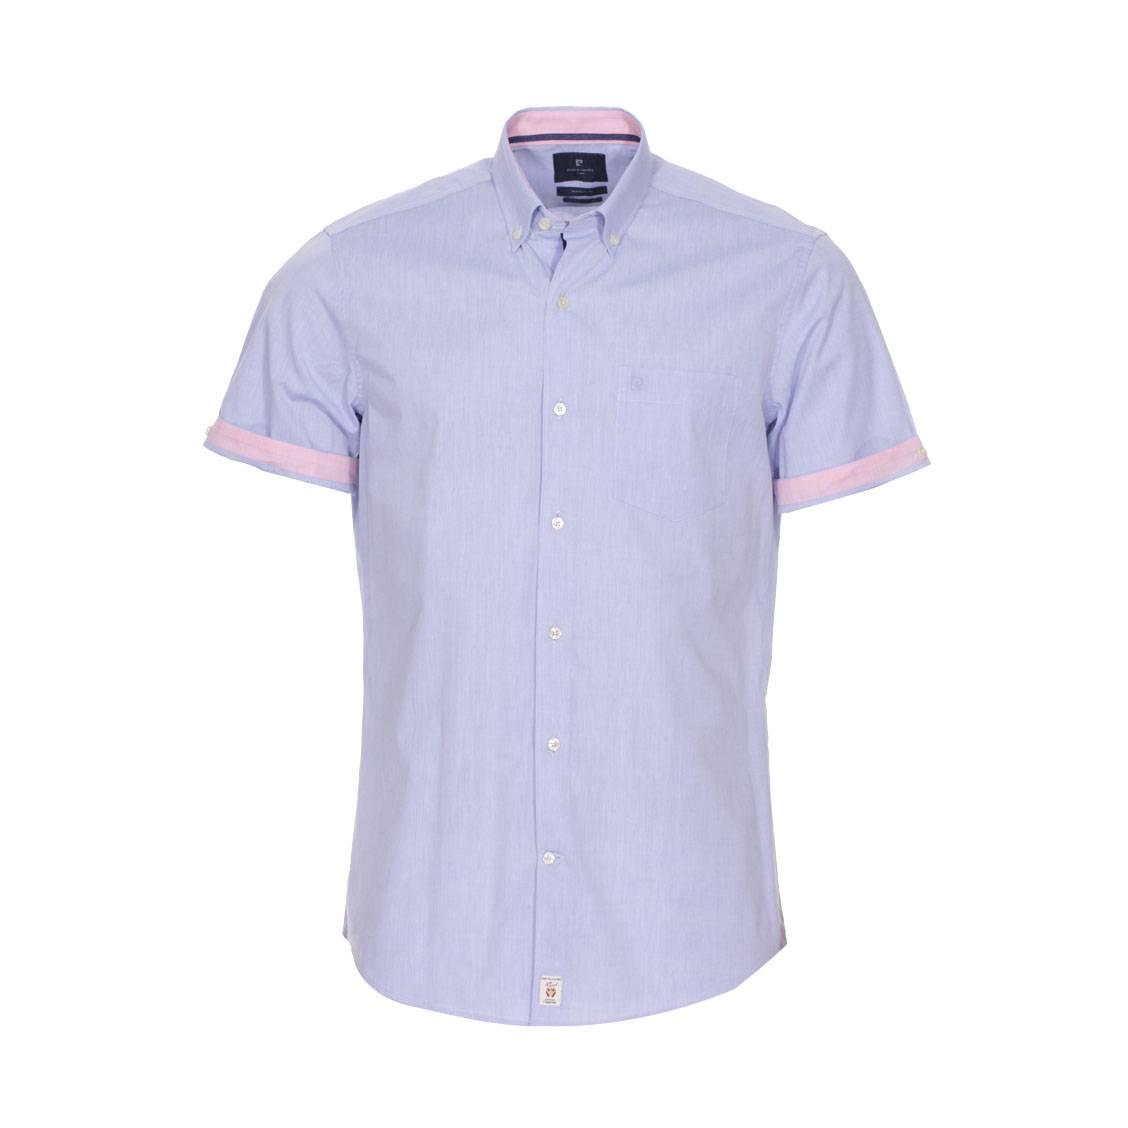 Chemise ajustée  en coton bleu à détails roses